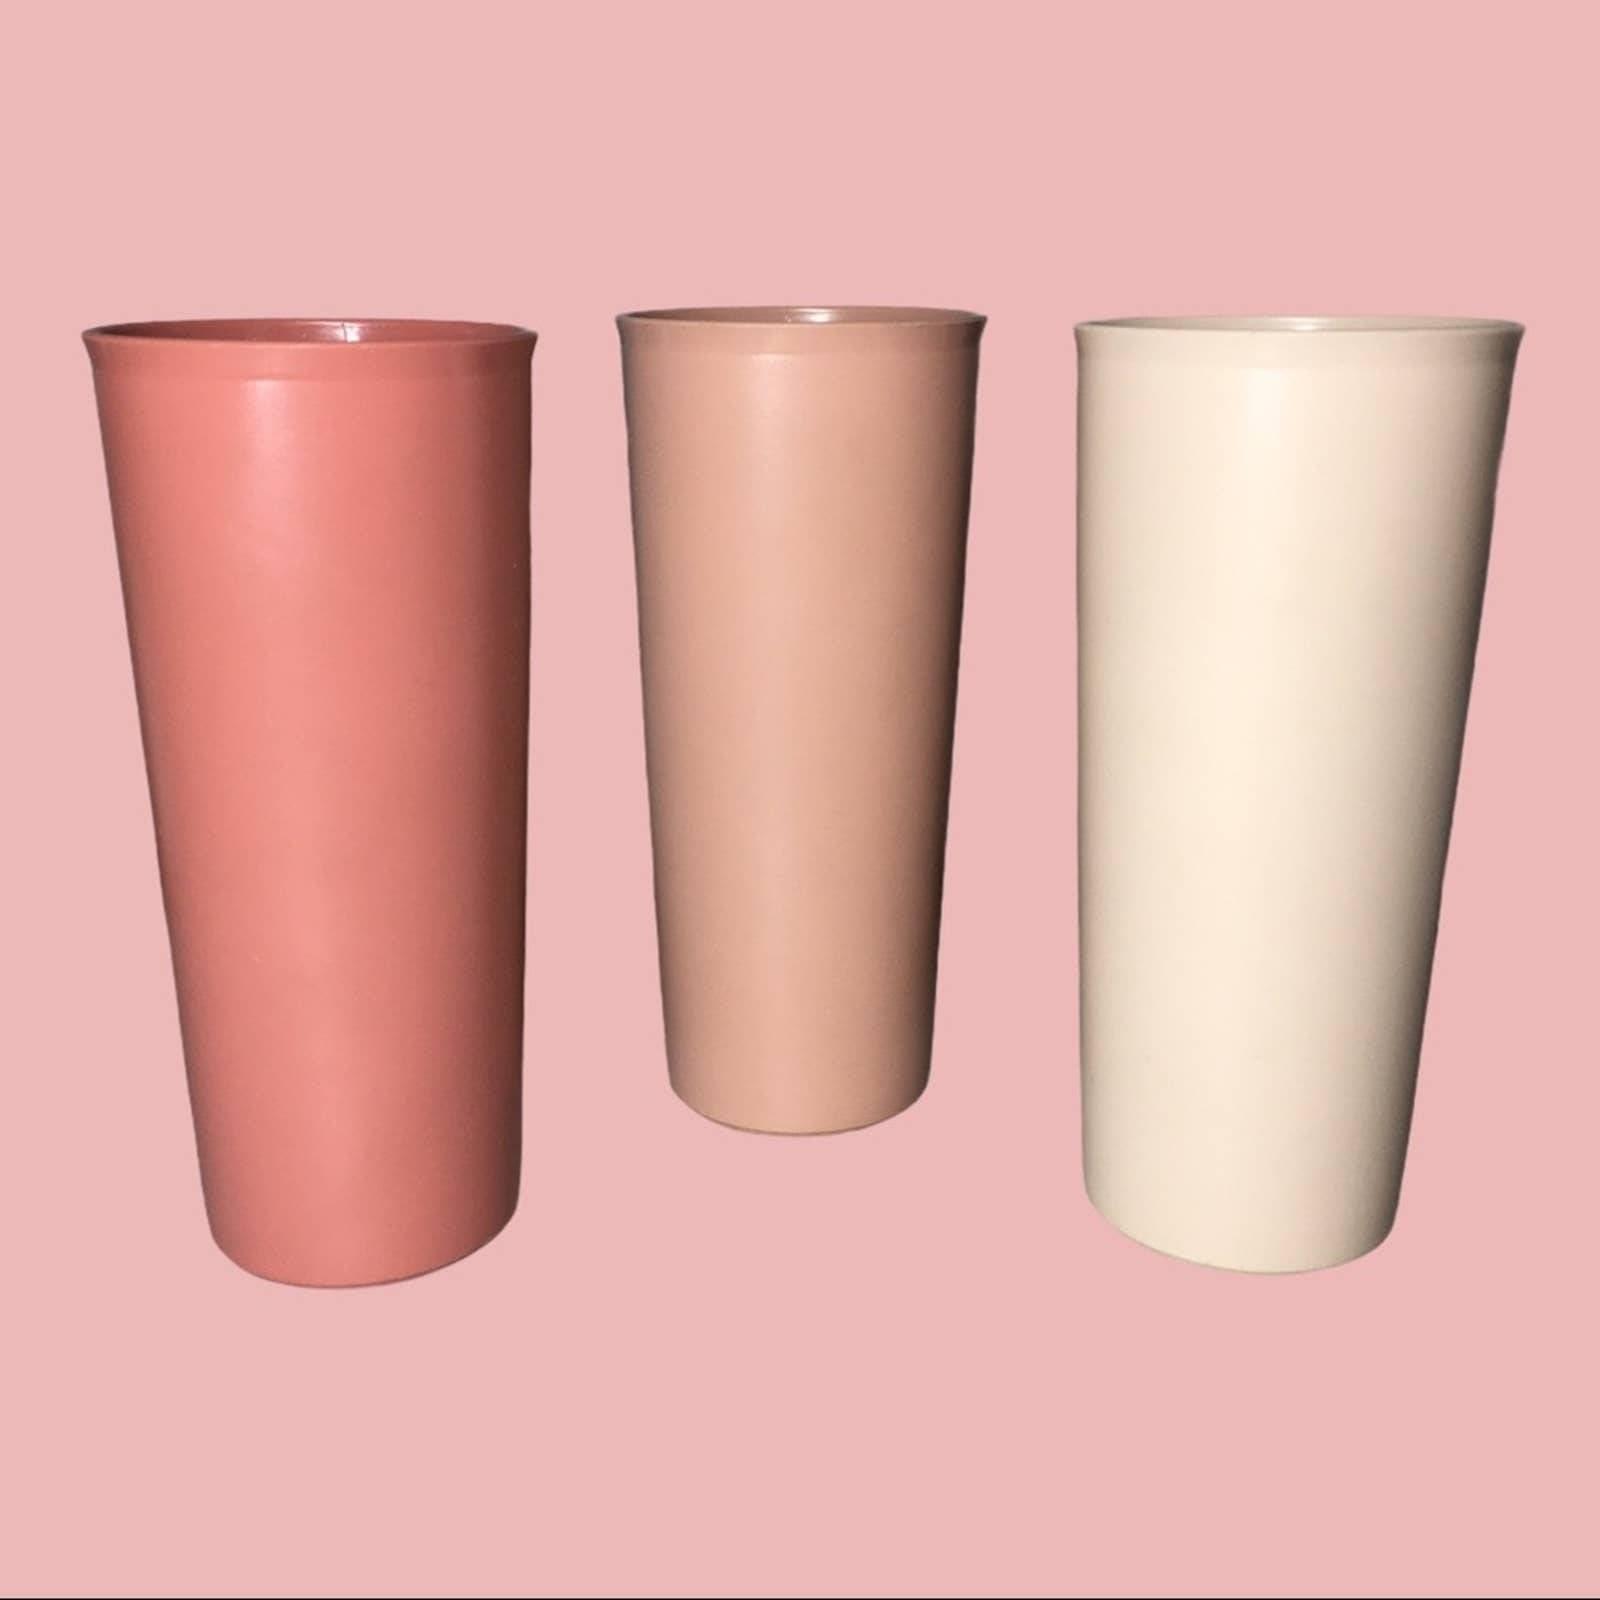 3 Vintage Tupperware Tumblers Cups 16 Oz